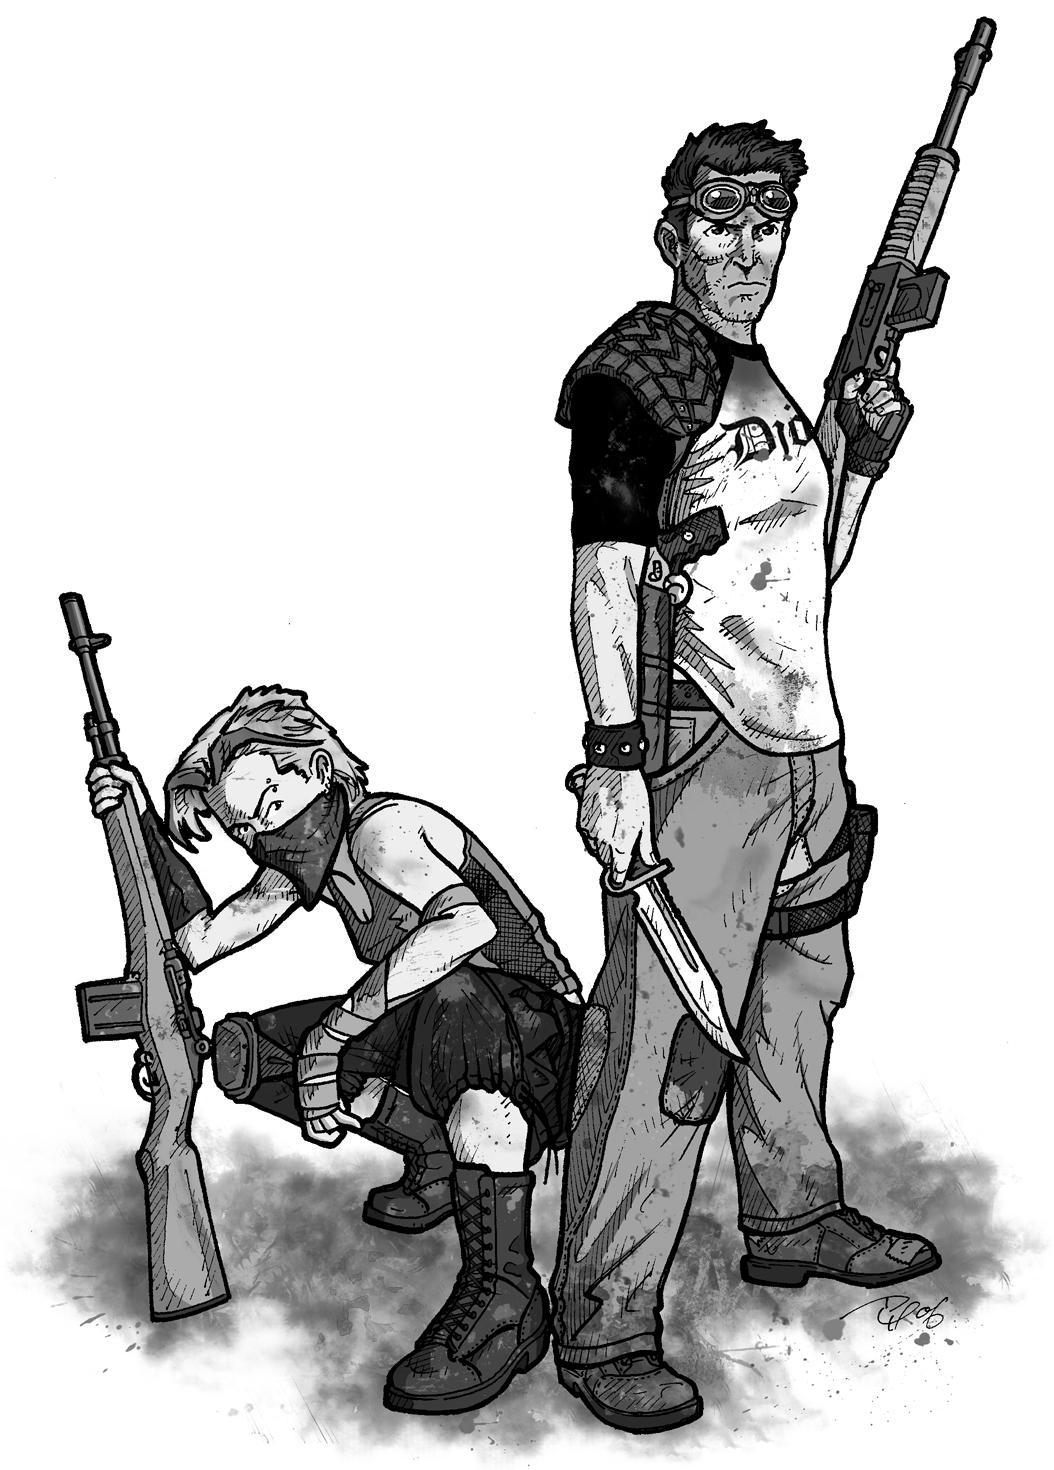 Fallout d20 - City Dwellers by Tensen01